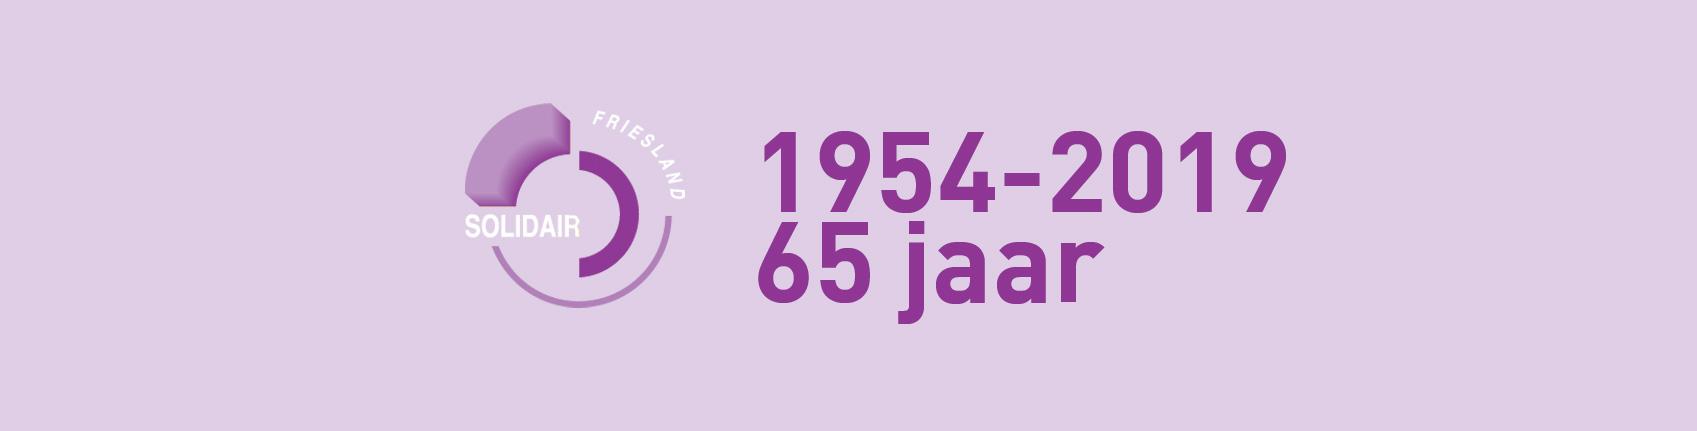 Solidair Friesland 65 jaar, 1954-2019